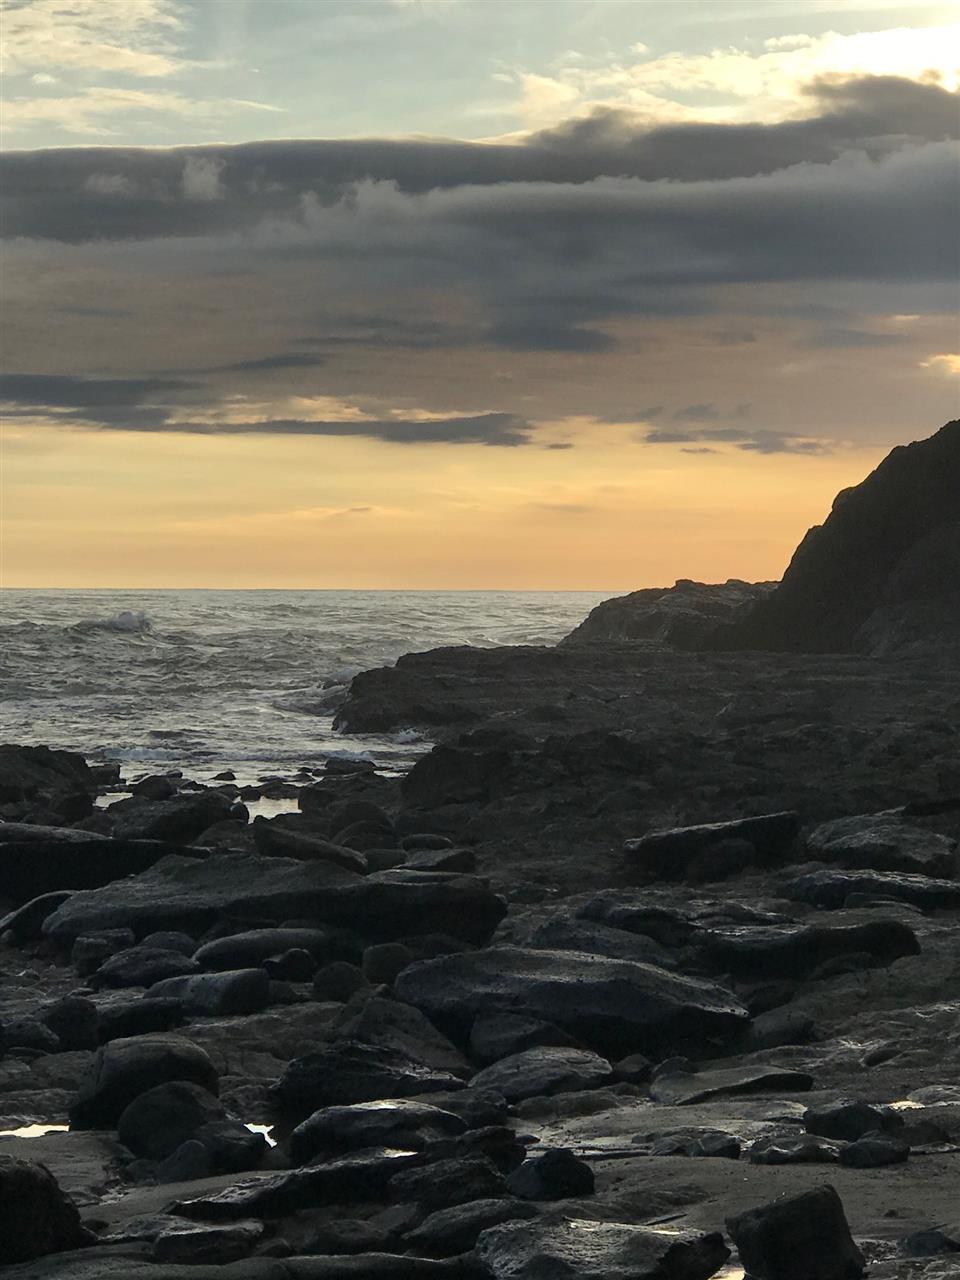 Domincalito, Costa Rica